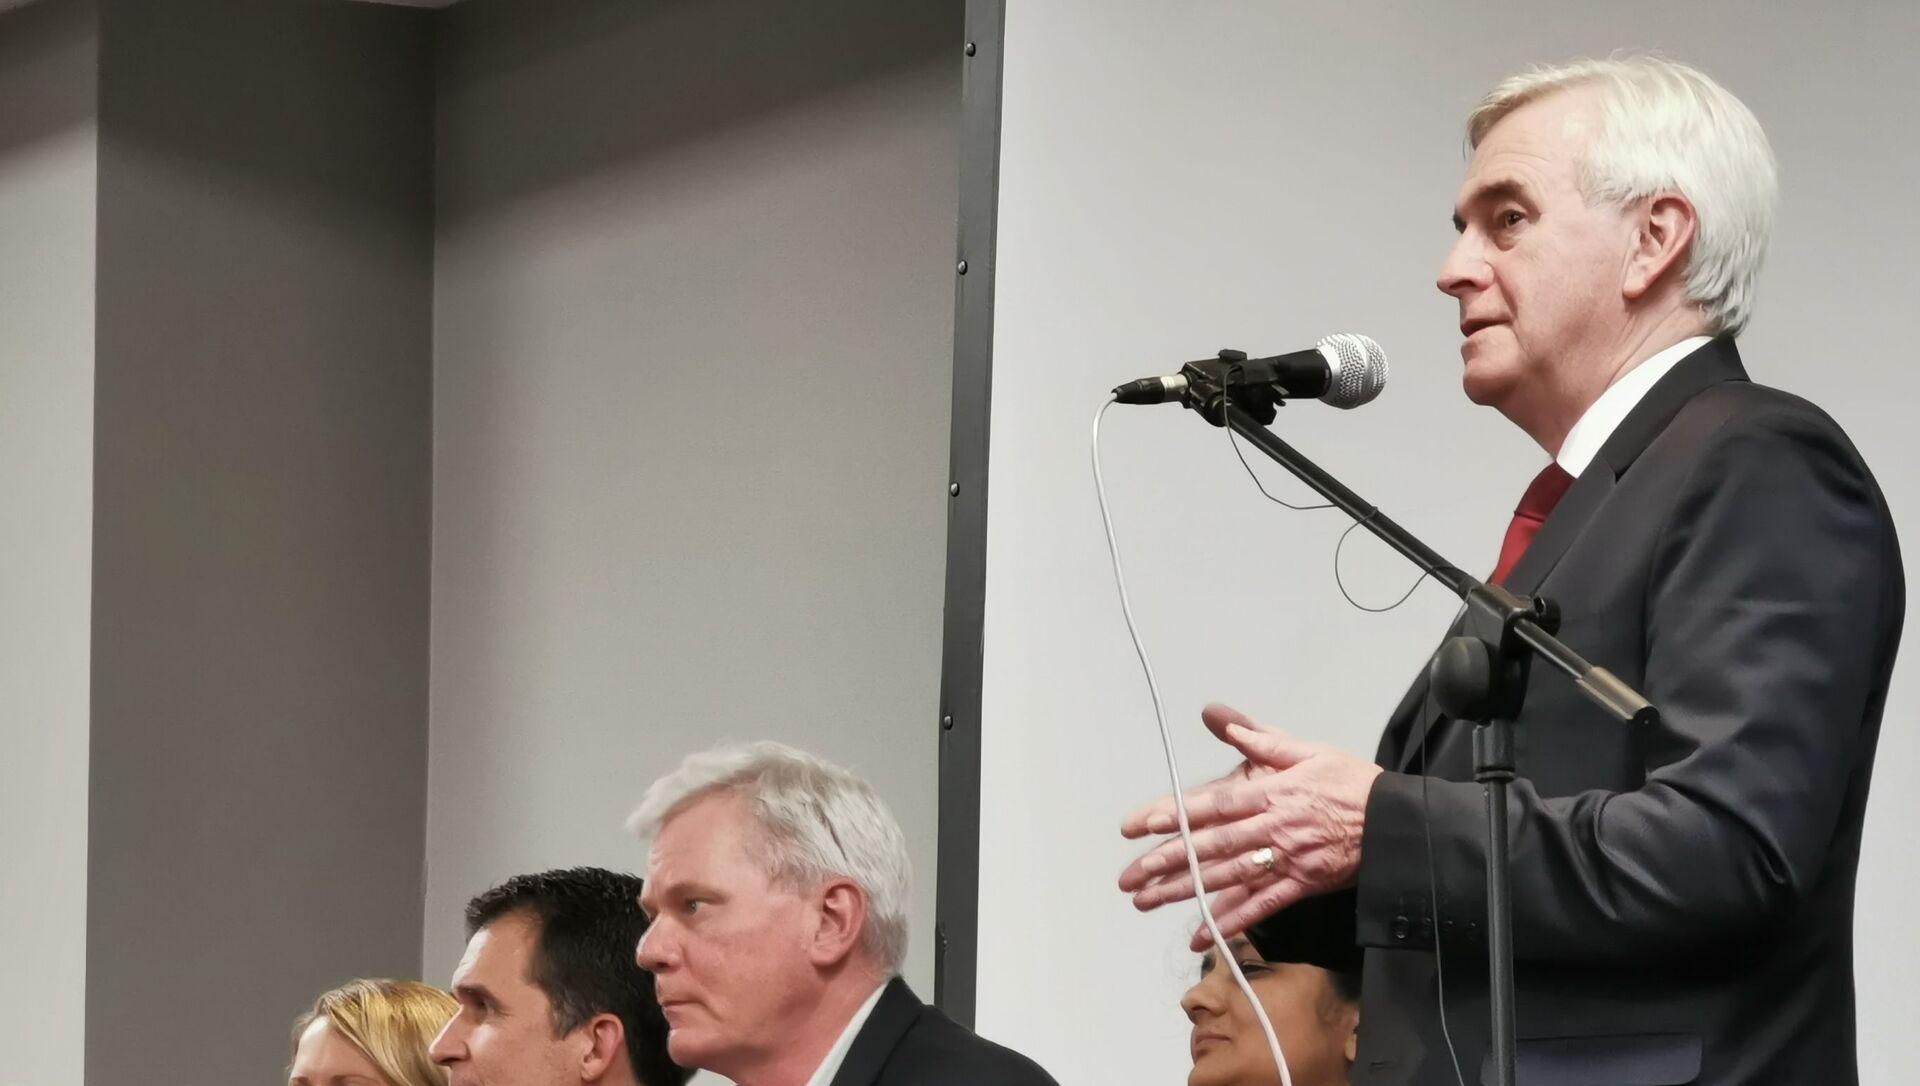 UK shadow chancellor John McDonnell speaks at a Wikileaks rally in London - Sputnik International, 1920, 27.07.2021